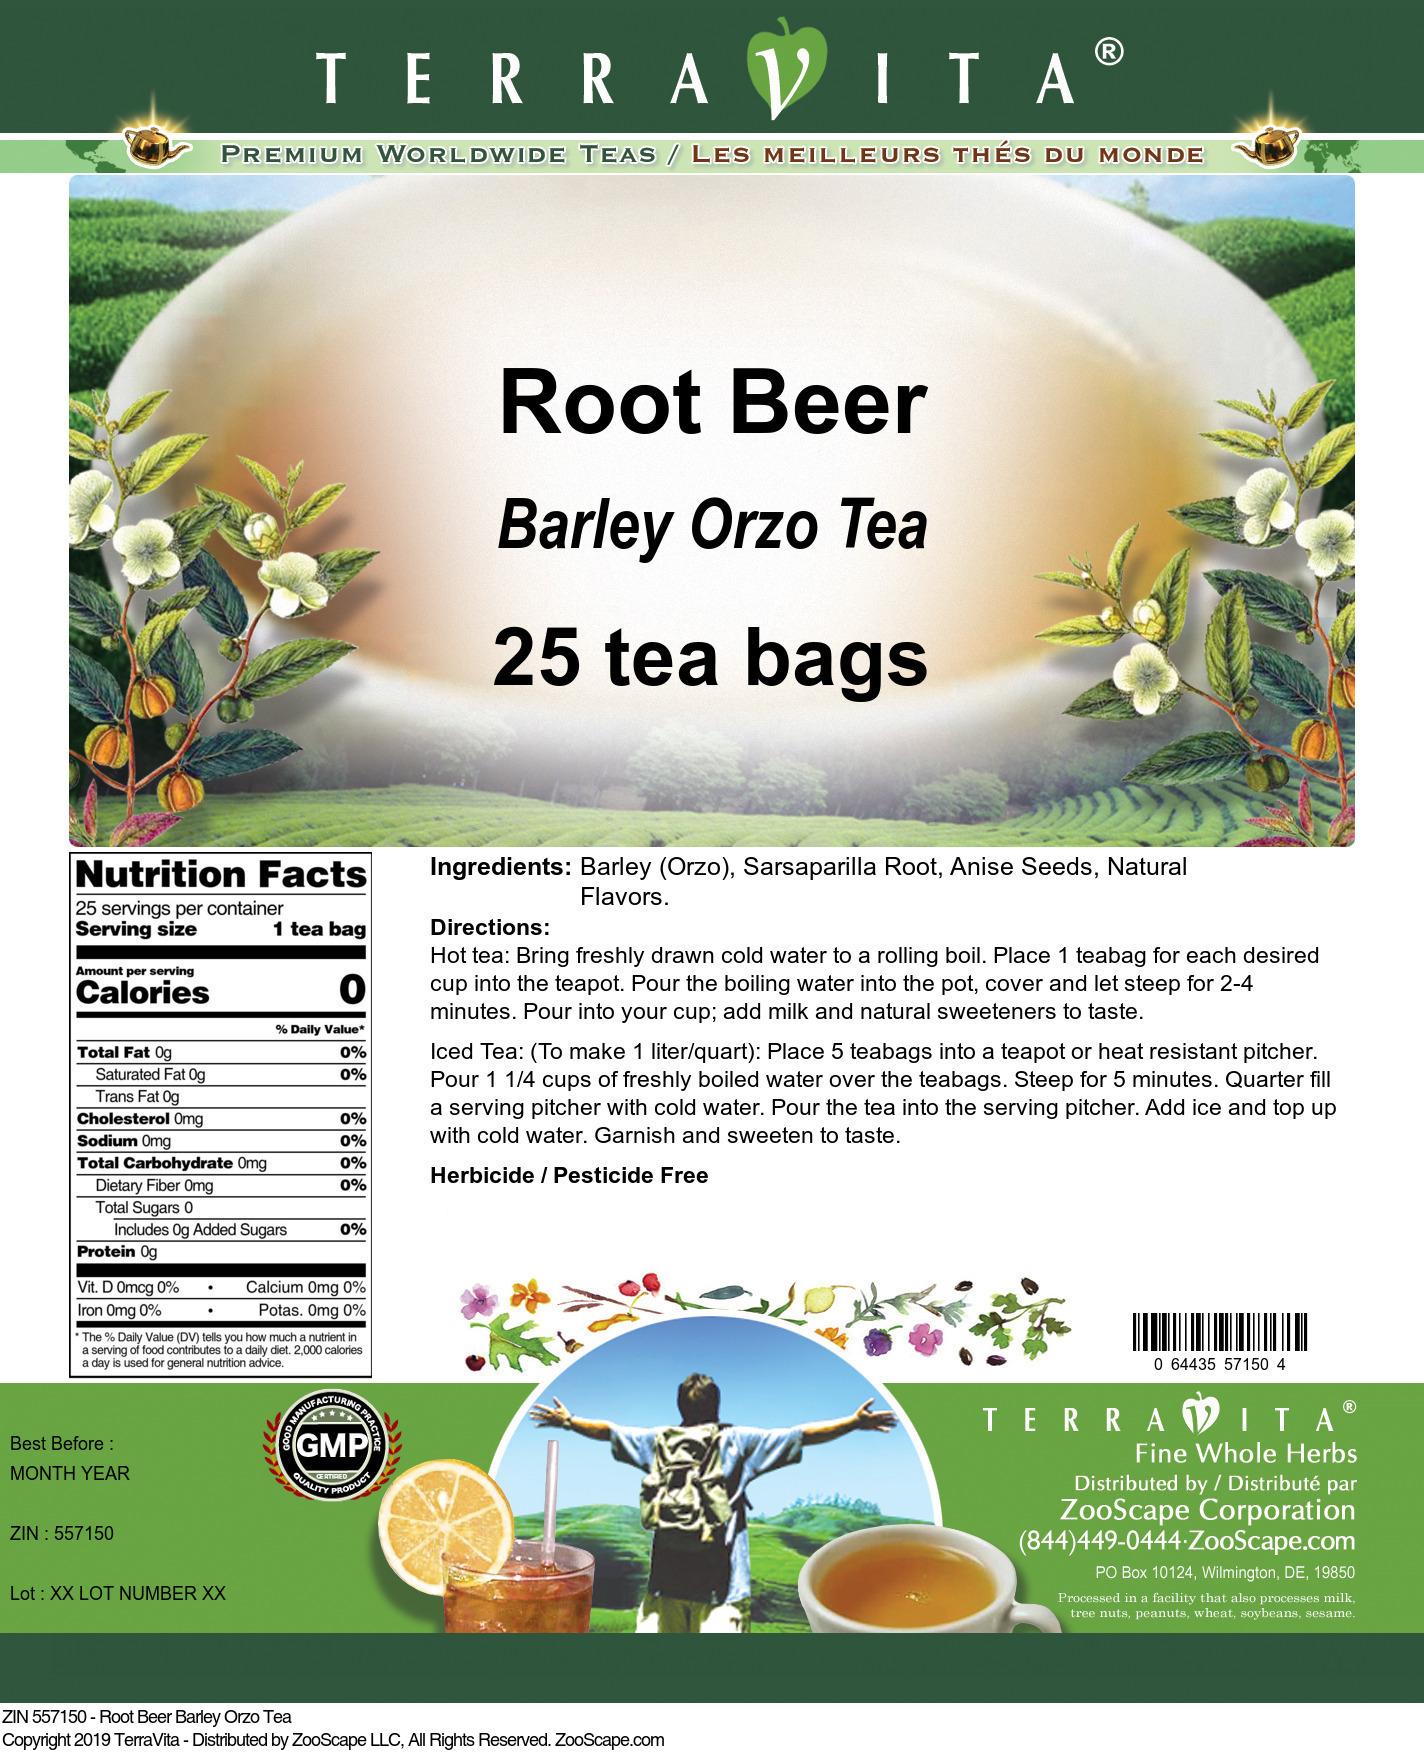 Root Beer Barley Orzo Tea